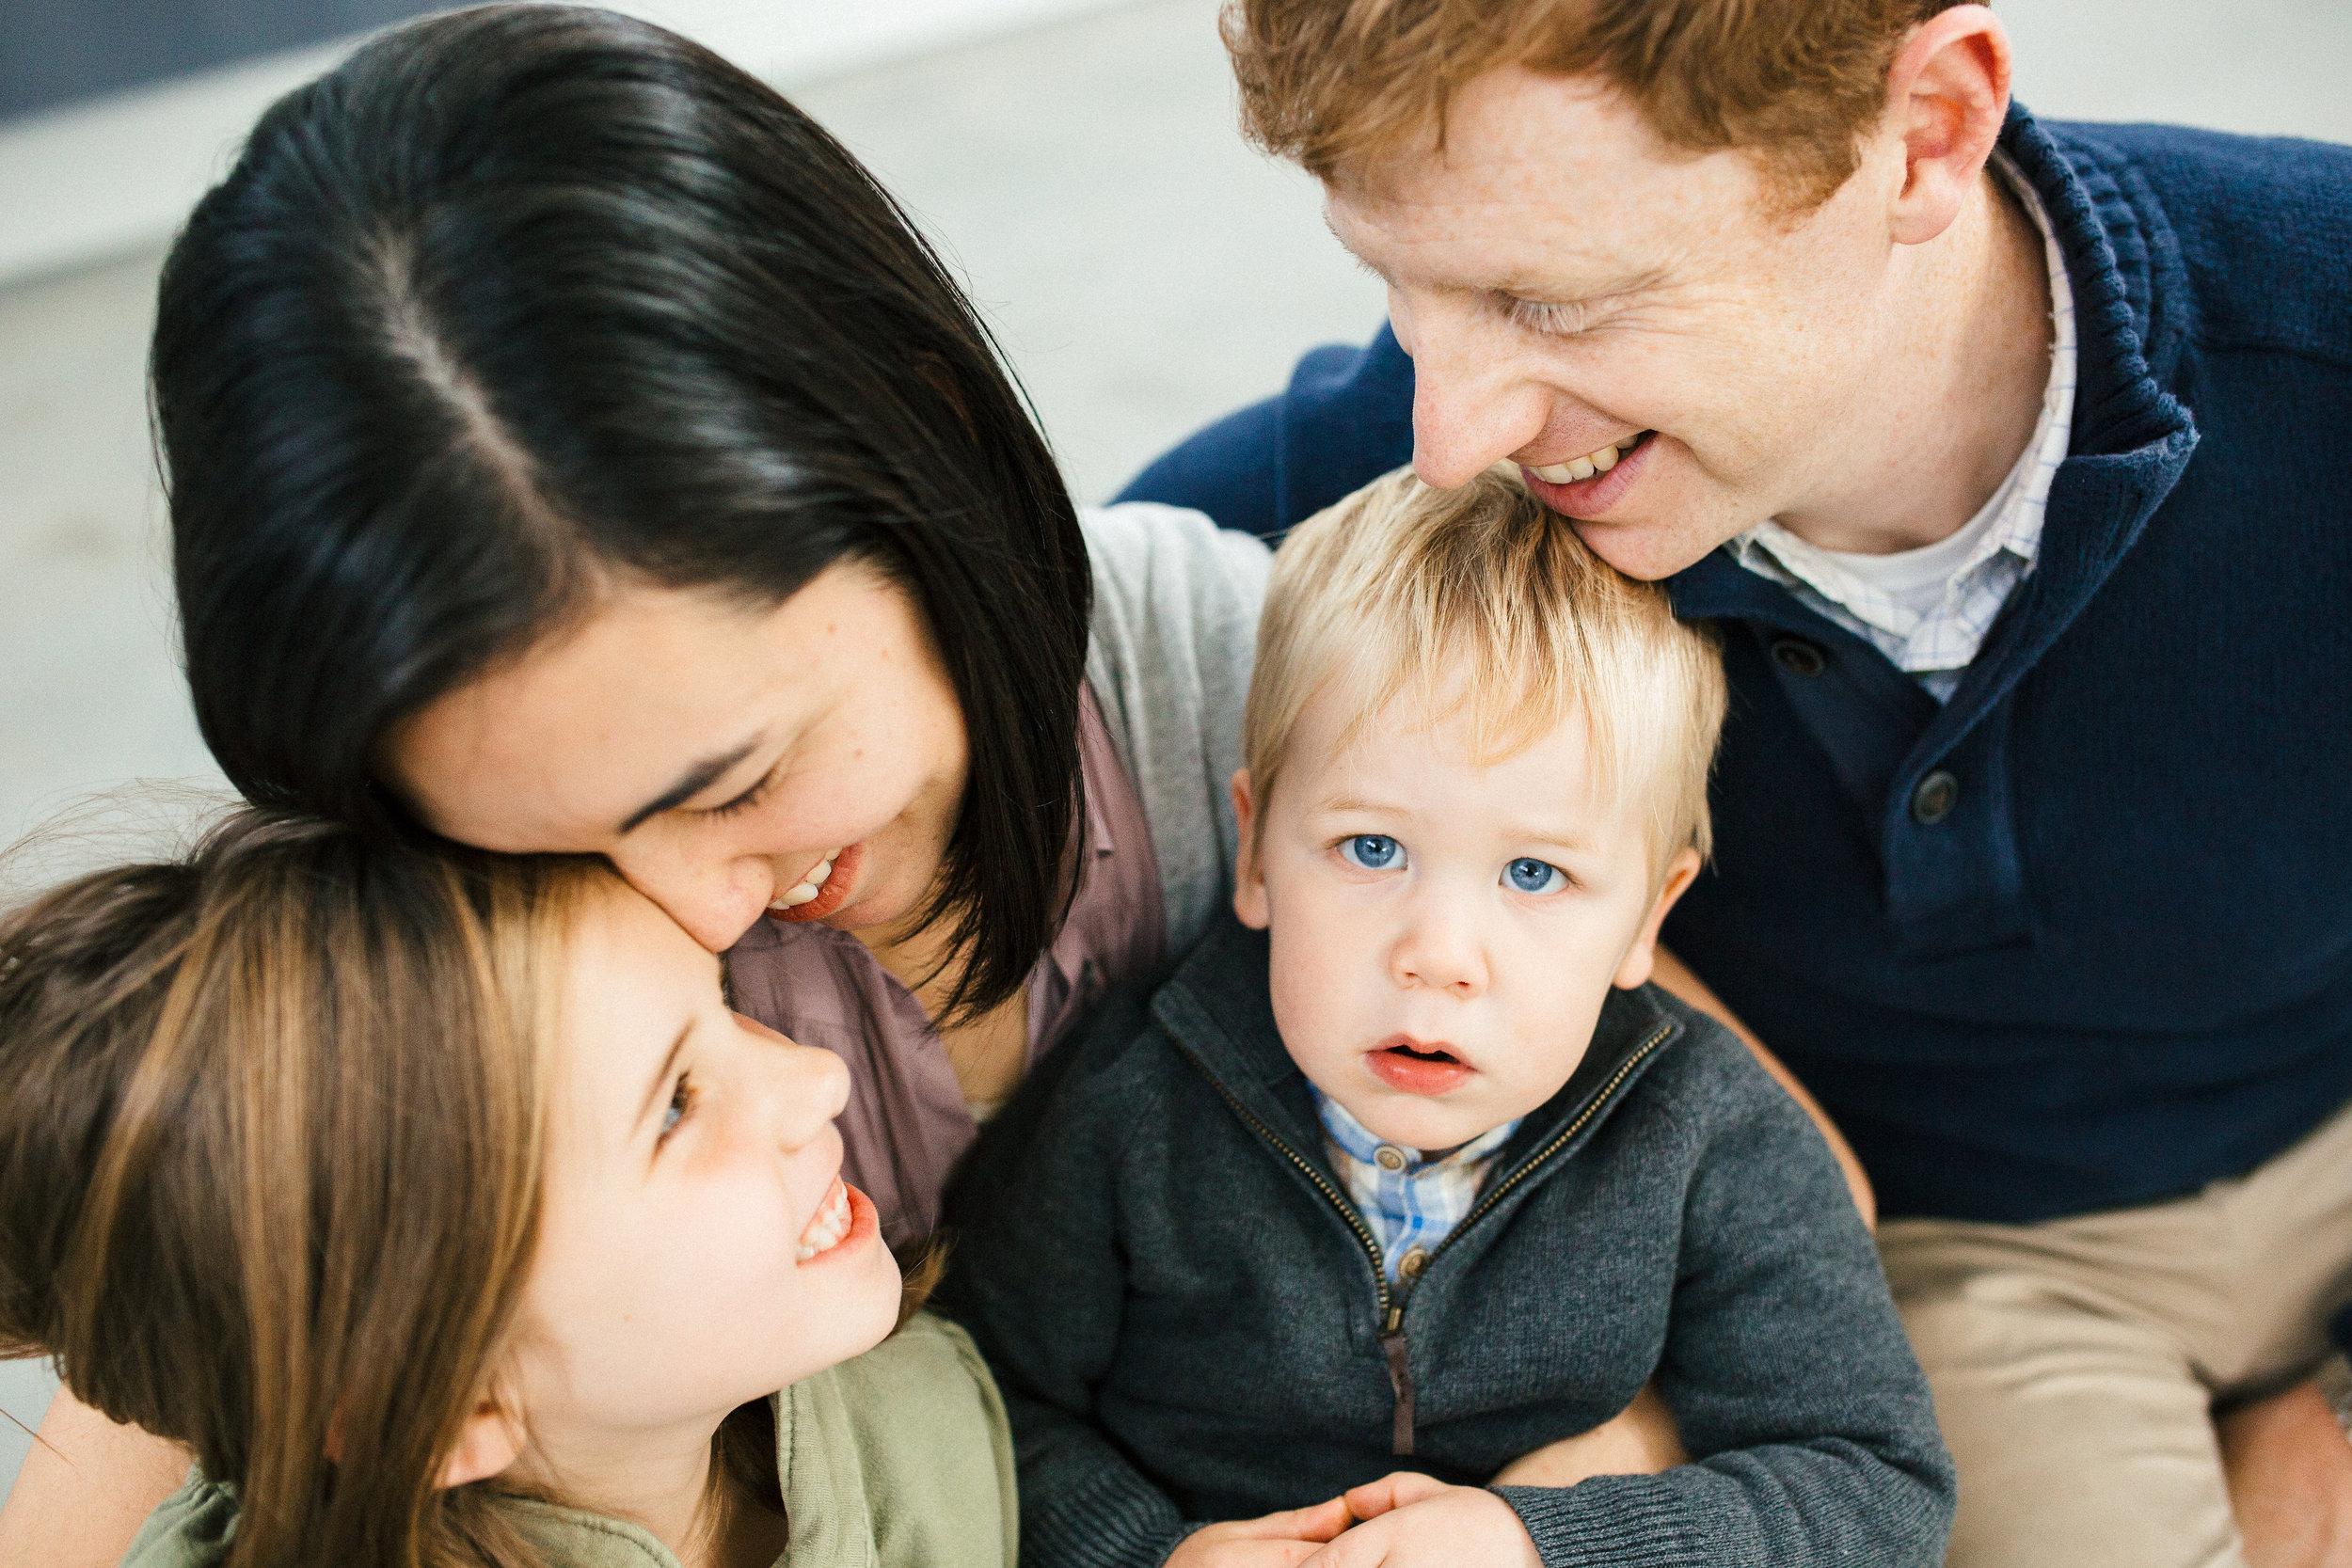 skinner-family_dia-beacon-hudson-valley-2-5.jpg